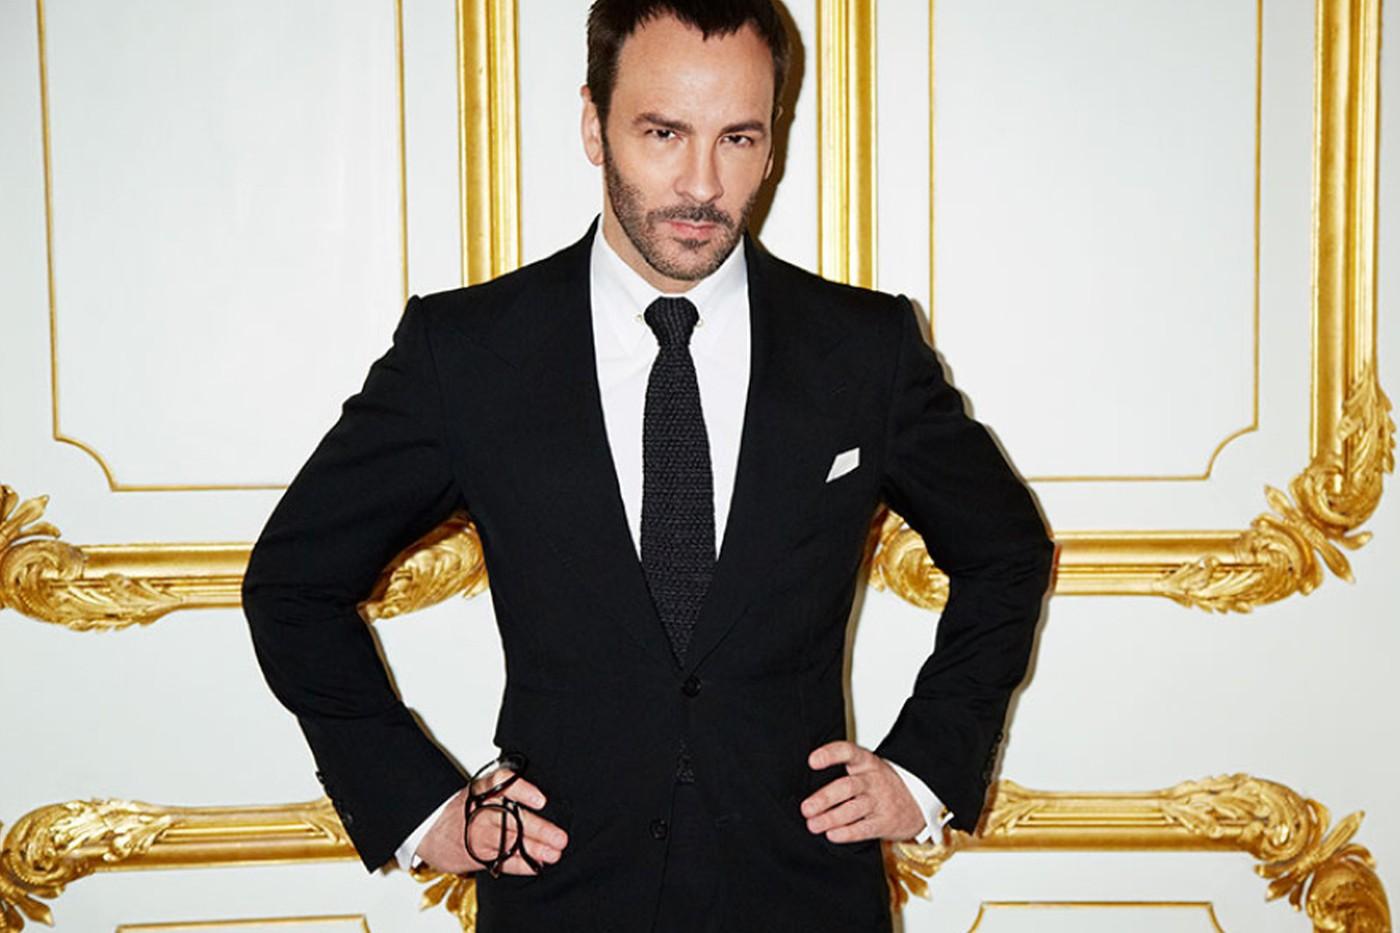 Tom Ford临时取消纽约时装发布会 暂推至2月26日举办